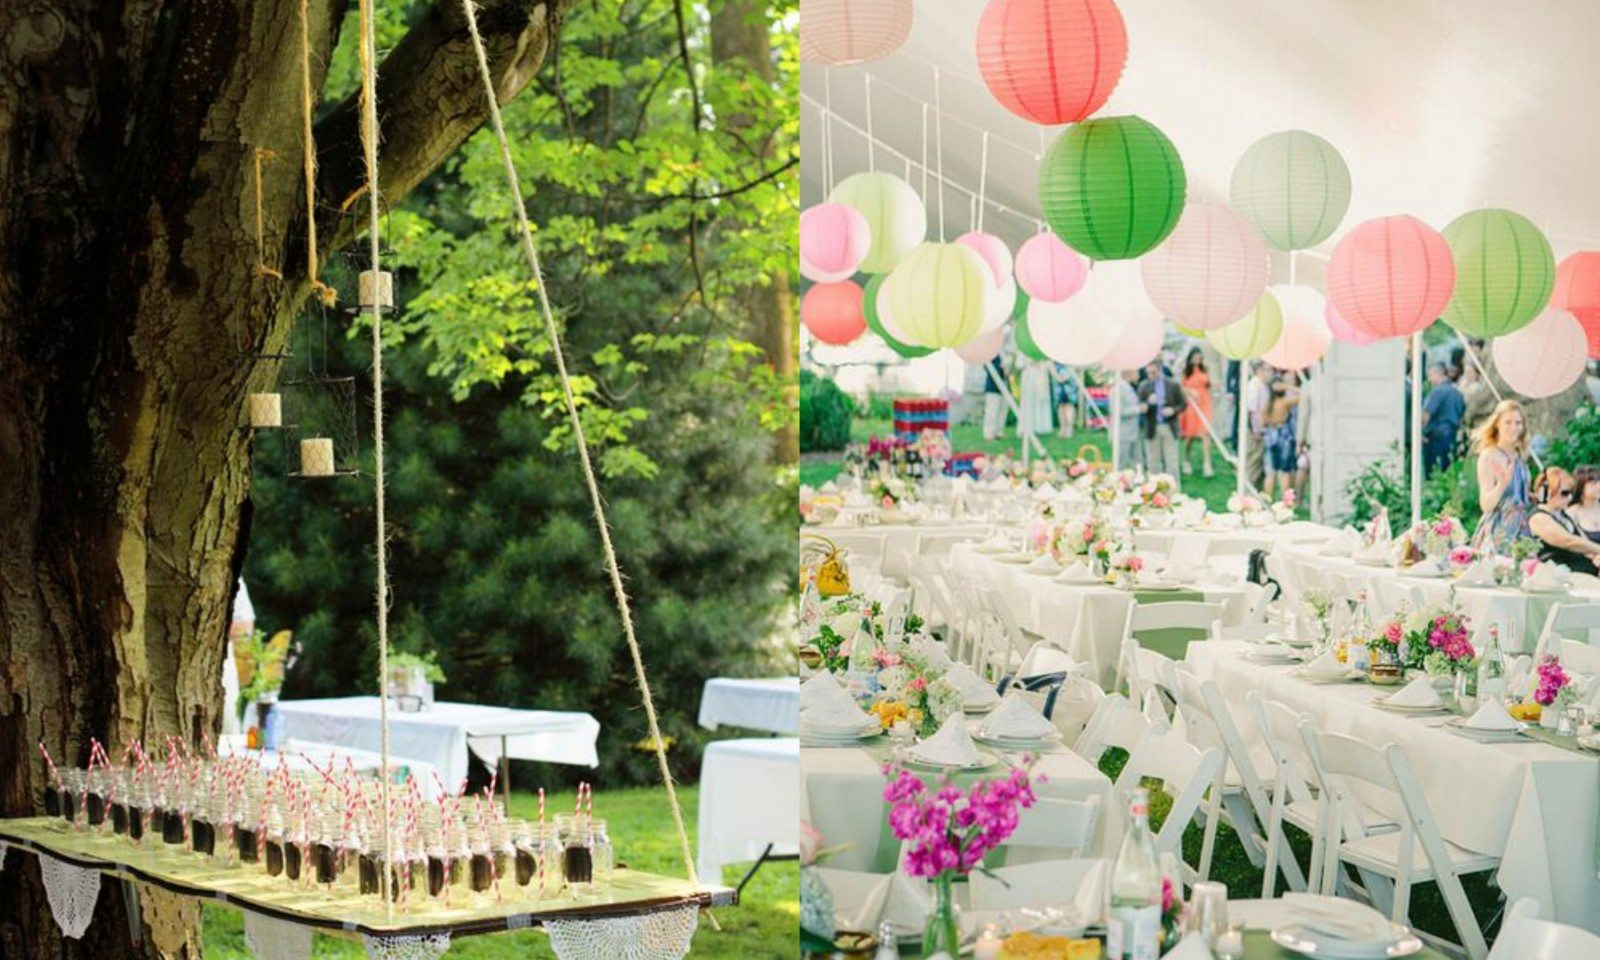 Populair WEDDING UPDATE #1: CREATIEVE IDEEËN VOOR DE BRUILOFT - Cotton & Cream #UT97